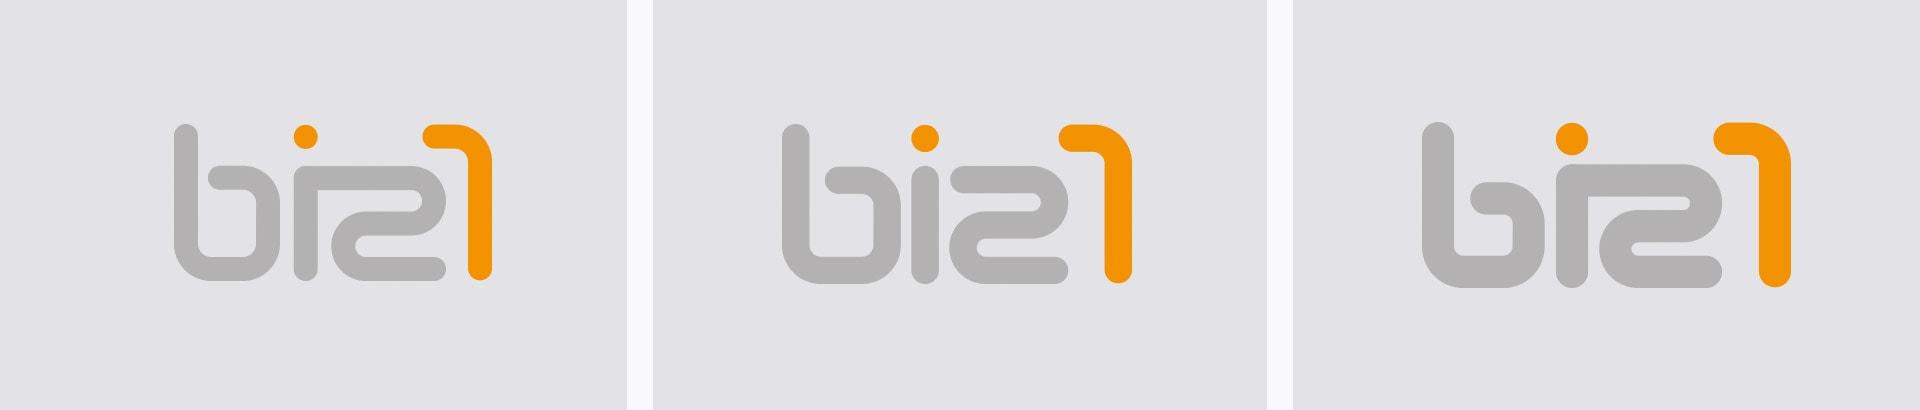 Logovarianten mit unterschiedlicher Typografie biz1 Corporate-Design